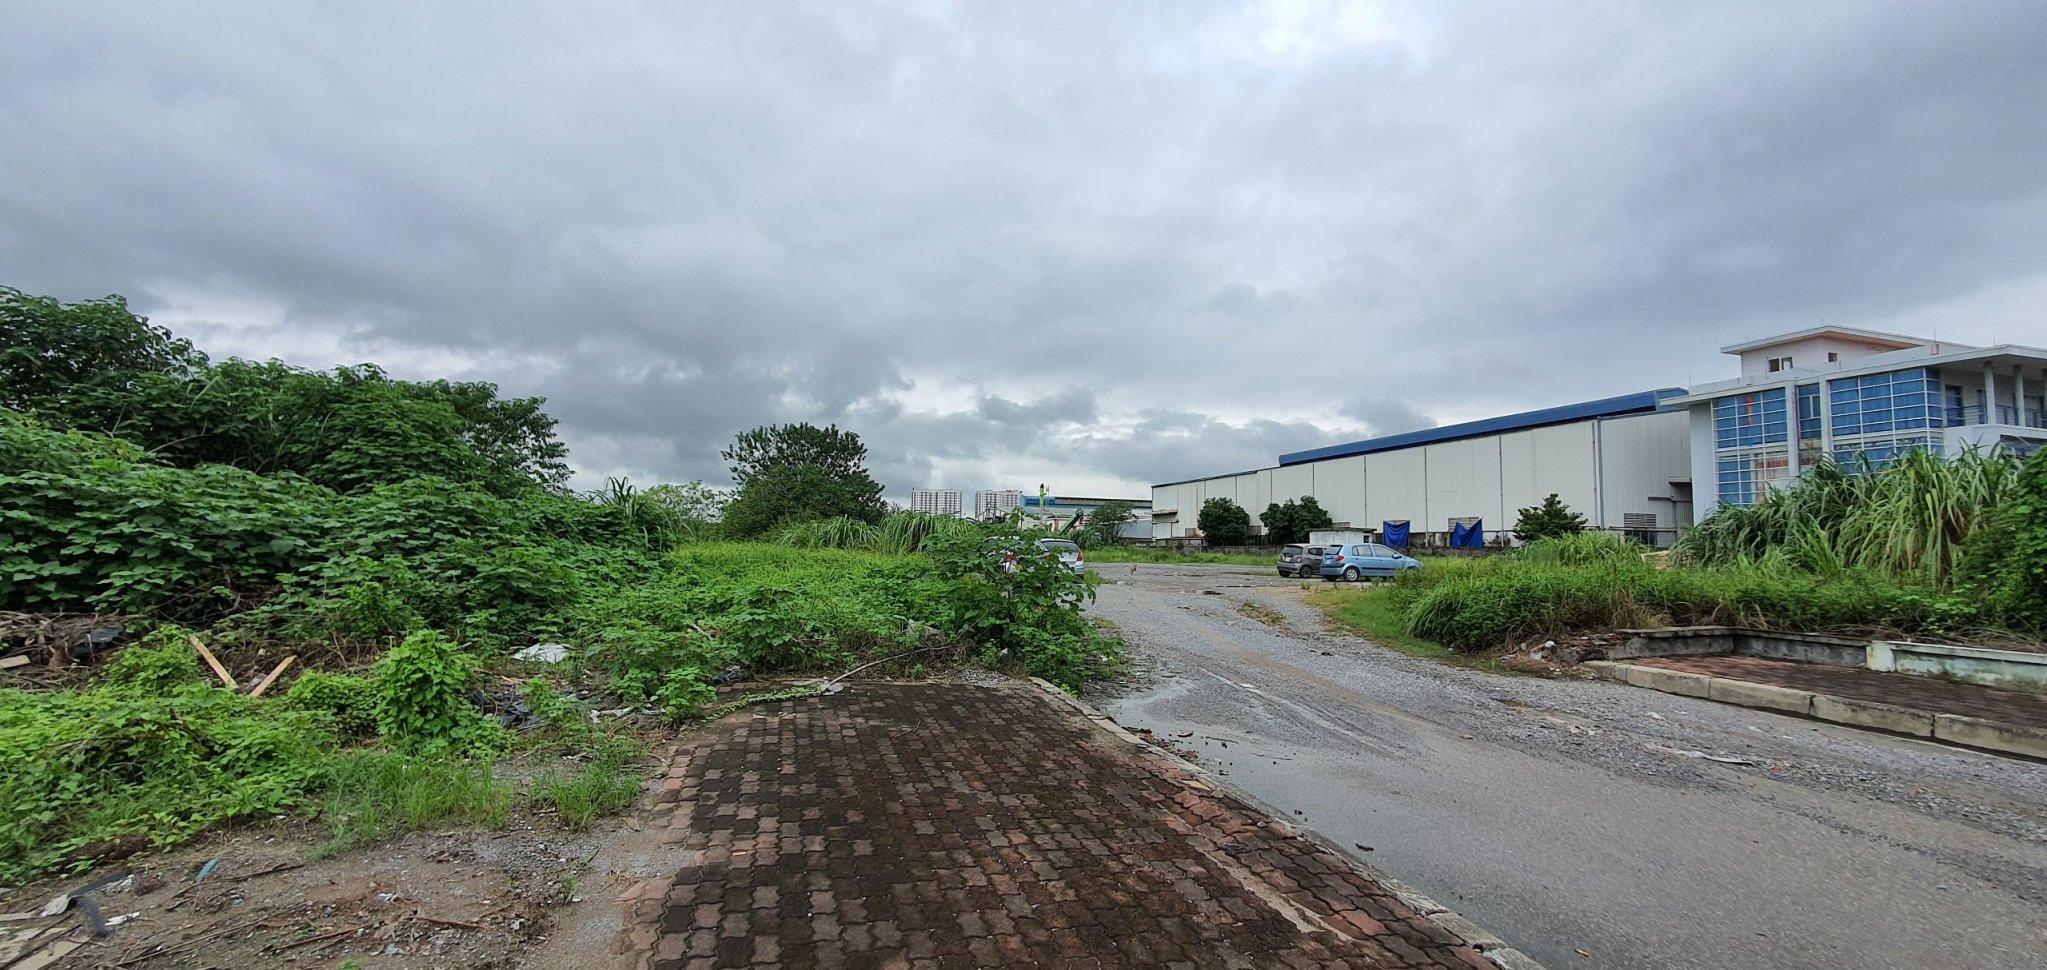 Chính chủ cho thuê kho xưởng gần cầu Vĩnh Tuy, đường 5, Long Biên.